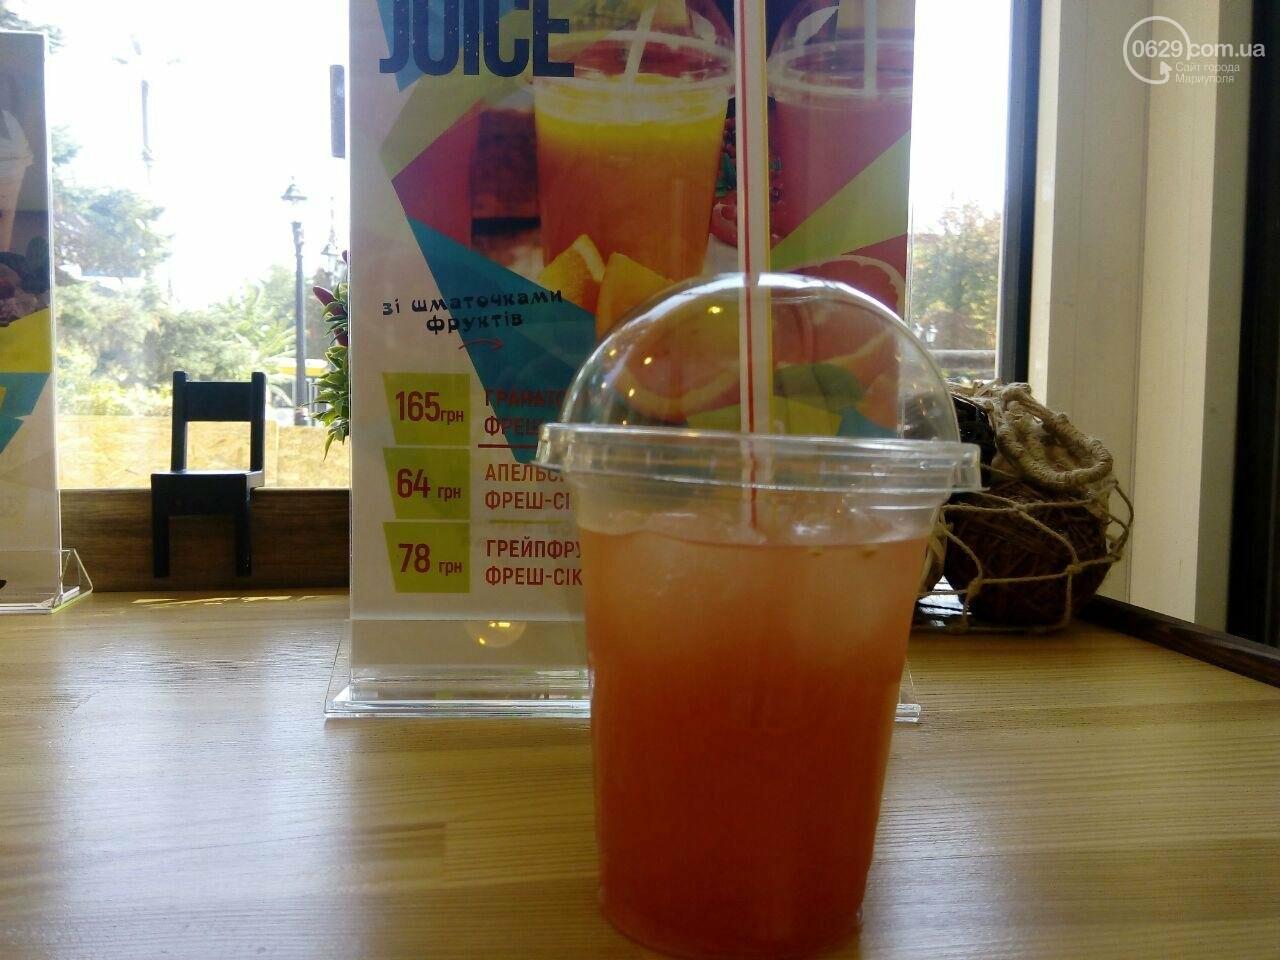 Где в Мариуполе можно выпить апельсиновый фреш, и что важно знать, чтобы не отравиться, фото-1